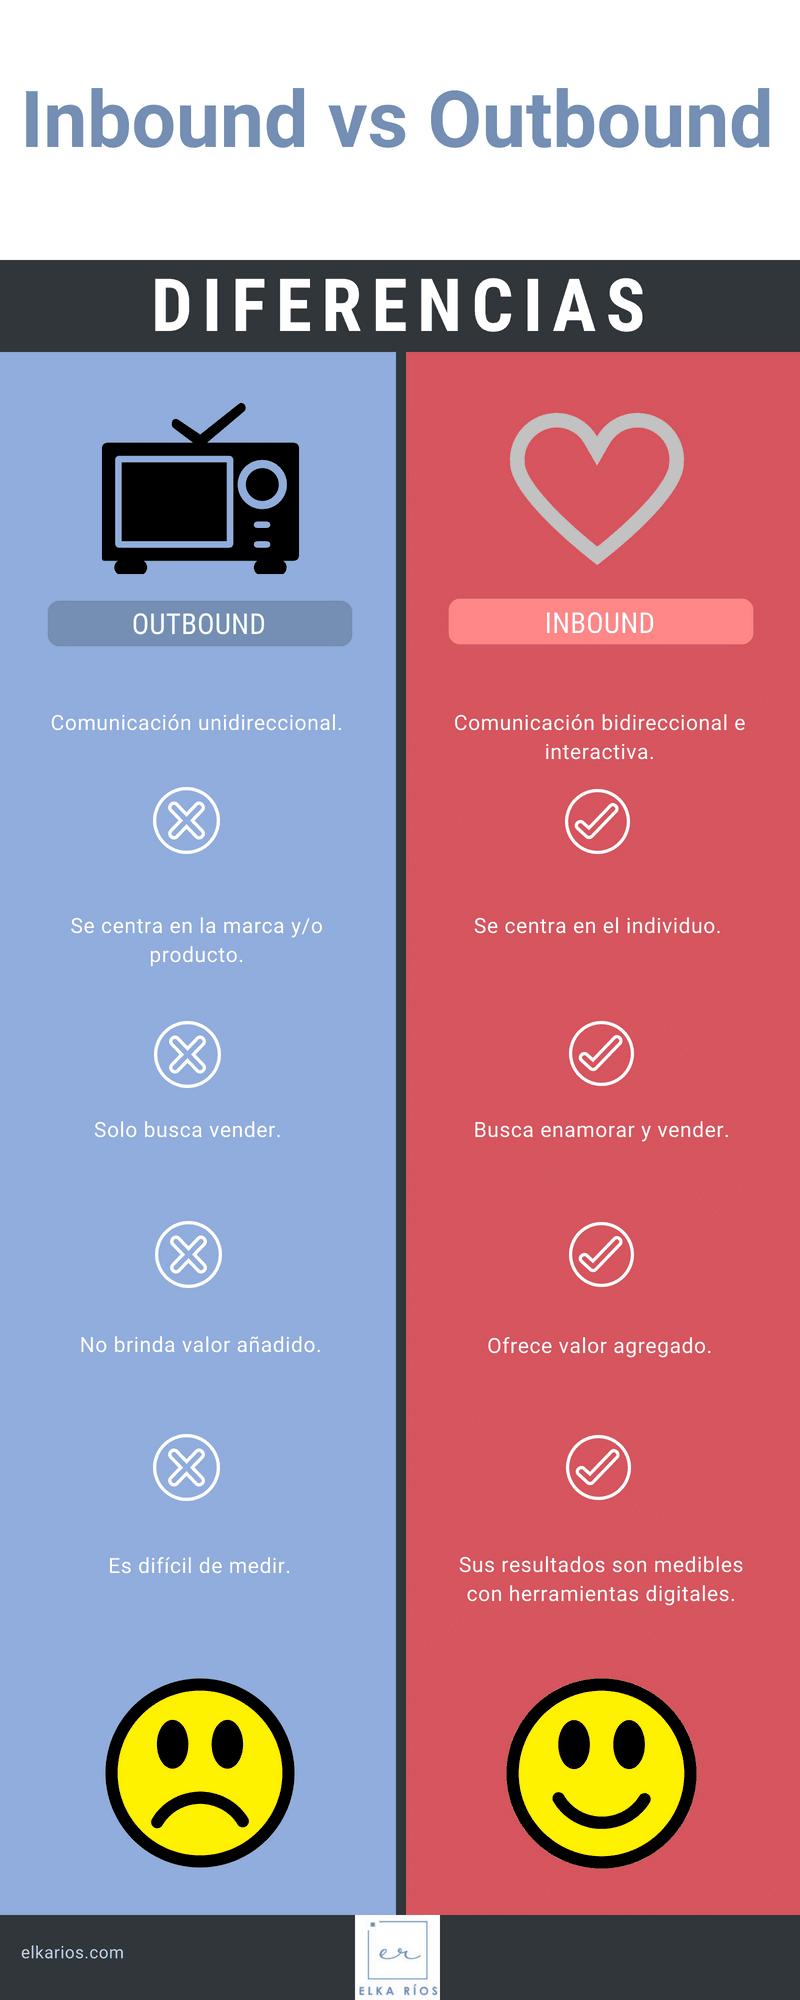 inbound outbound diferencias